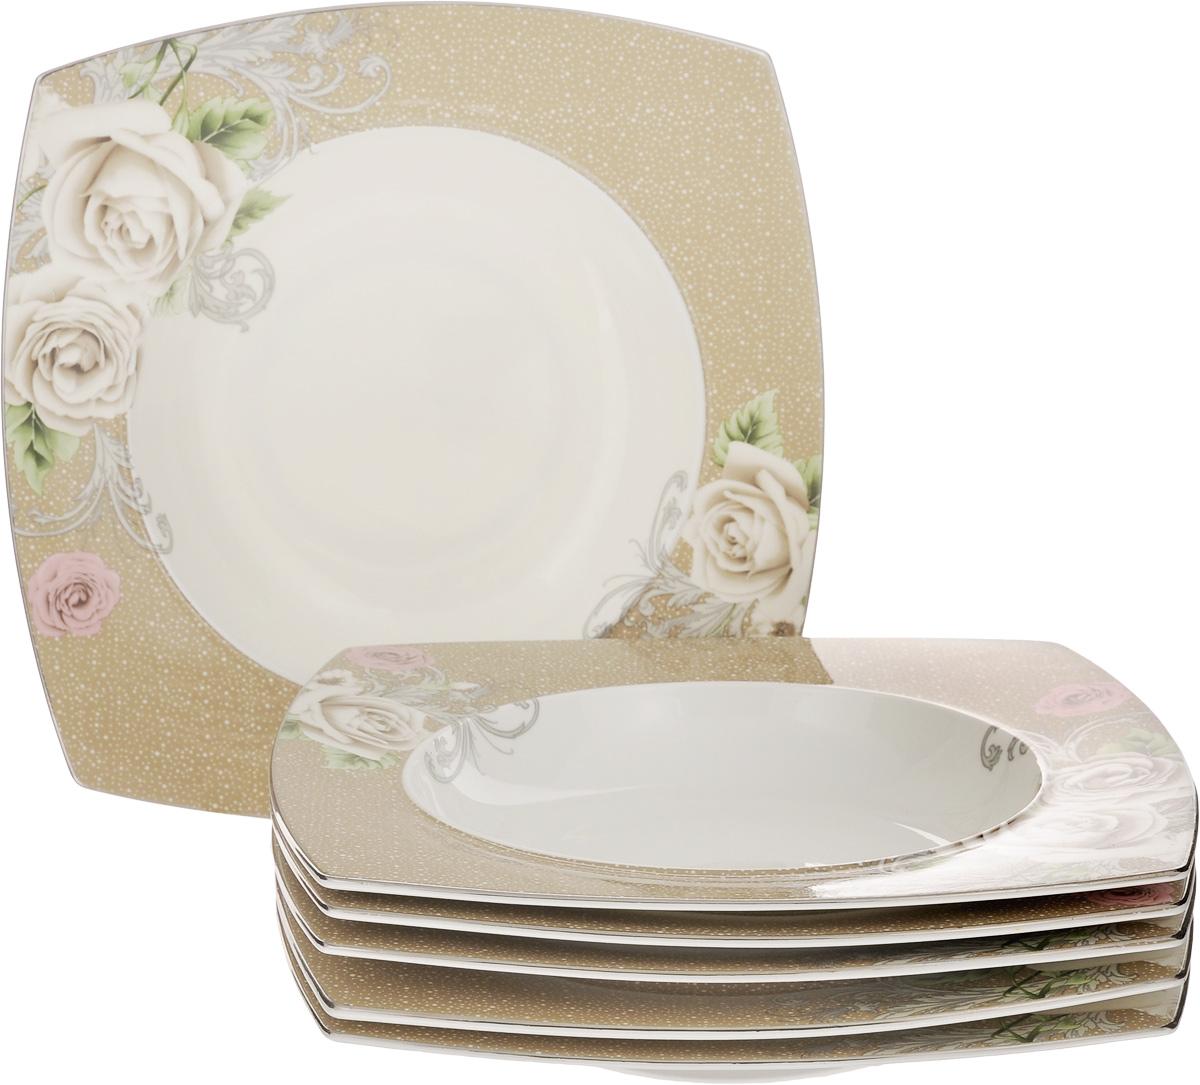 Набор тарелок Family & Friends Florance, 25 х 25 см, 6 шт54 009312Набор Family & Friends Florance, выполненный из фарфора, состоит из 6 глубоких квадратных тарелок и предназначен для красивой сервировки различных блюд.Изделия украшены цветочным рисунком. Набор сочетает в себе стильный дизайн с максимальнойфункциональностью. Оригинальность оформления придется по вкусу и ценителям классики, и тем, кто предпочитаетутонченность и изящность.Внутренний диаметр тарелки: 17,5 см. Размер тарелки: 25 х 25 х 4 см.